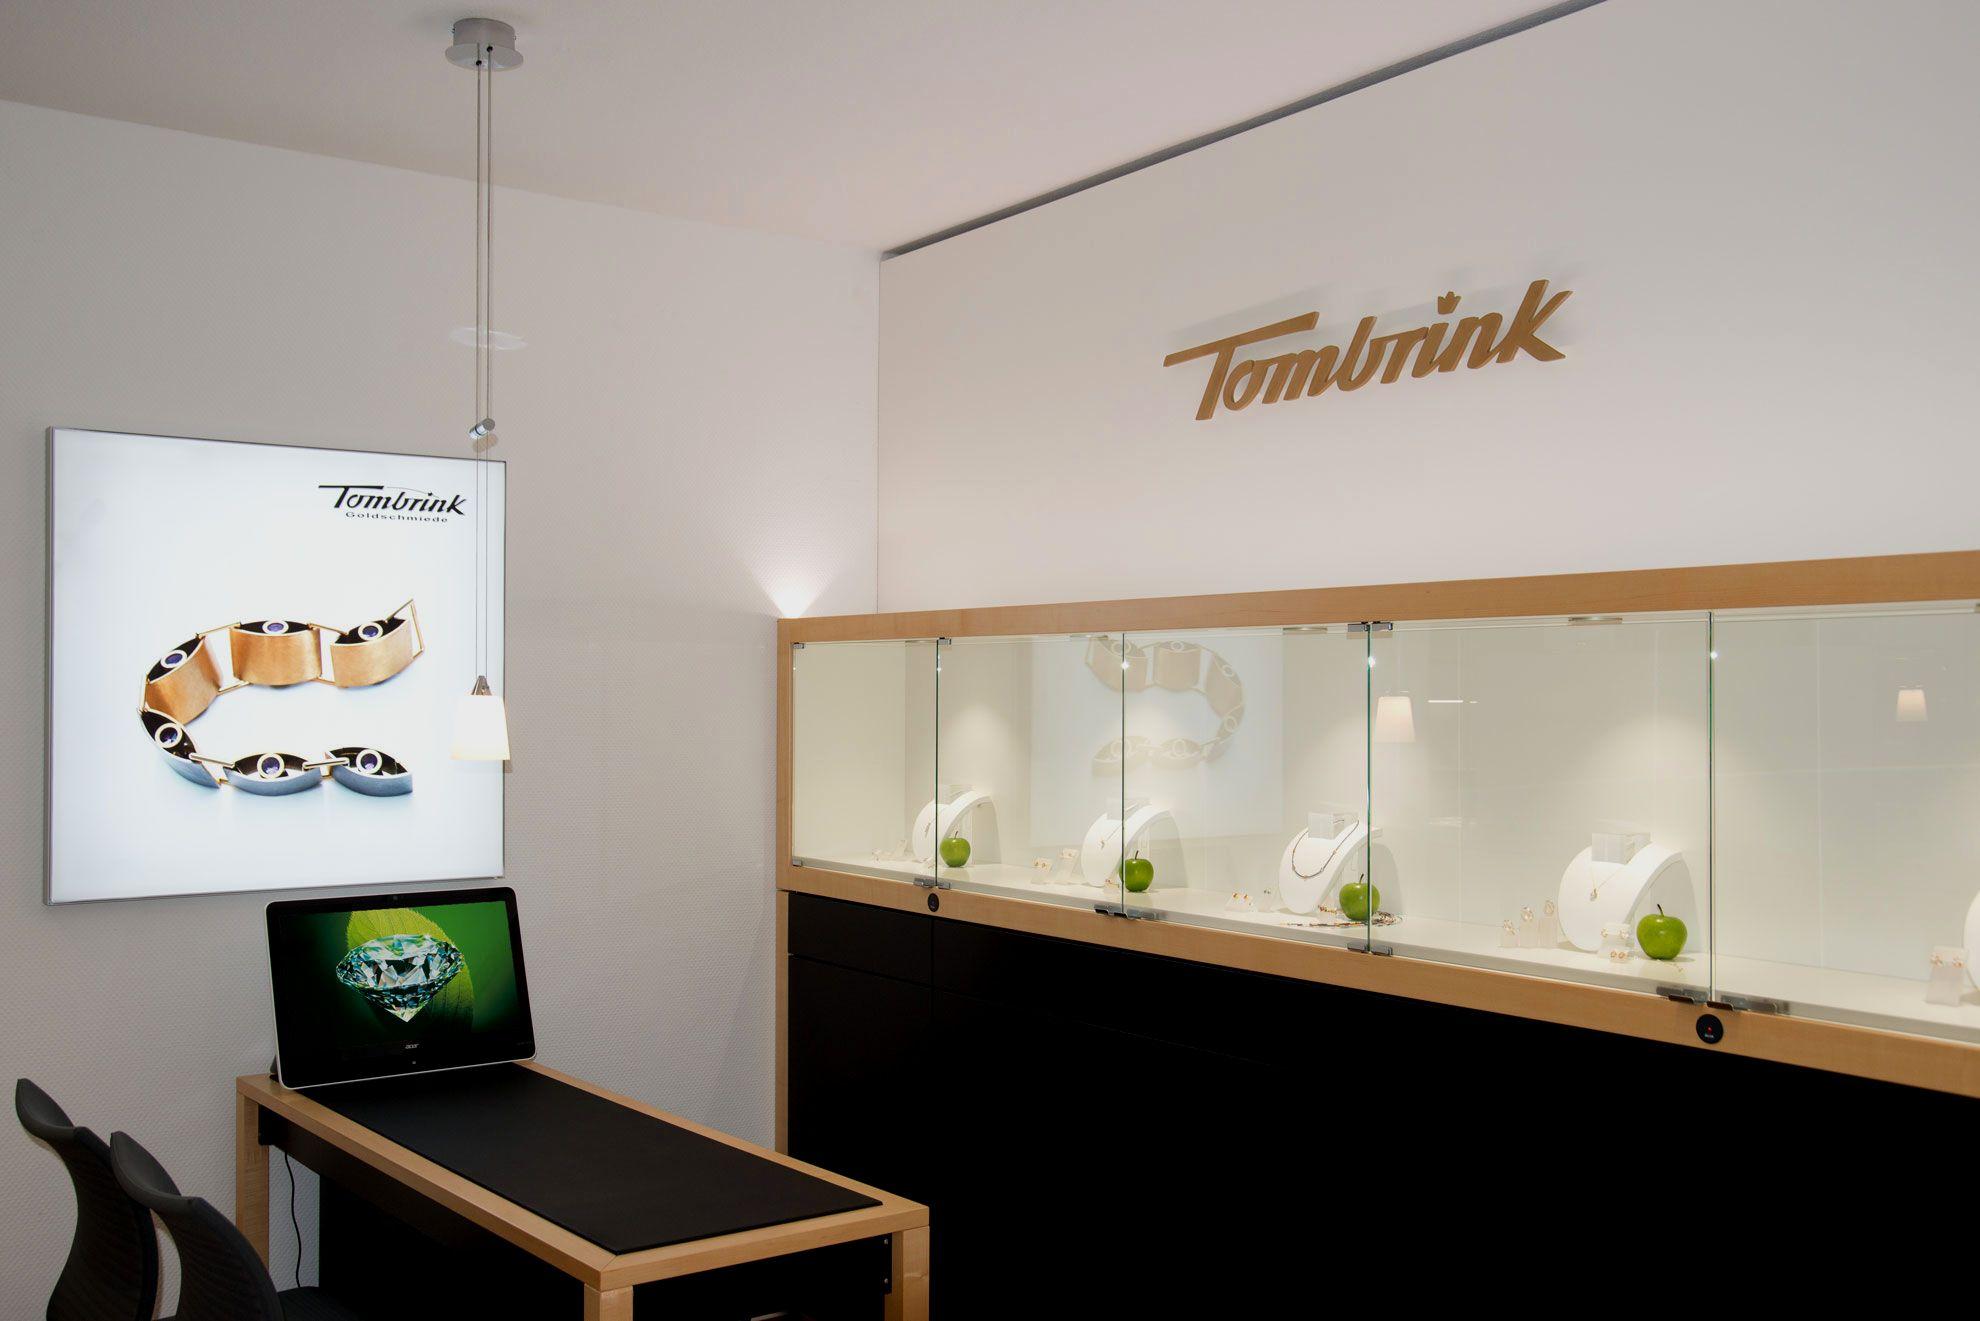 Ihr Uhren- und Goldschmiedehaus Tombrink